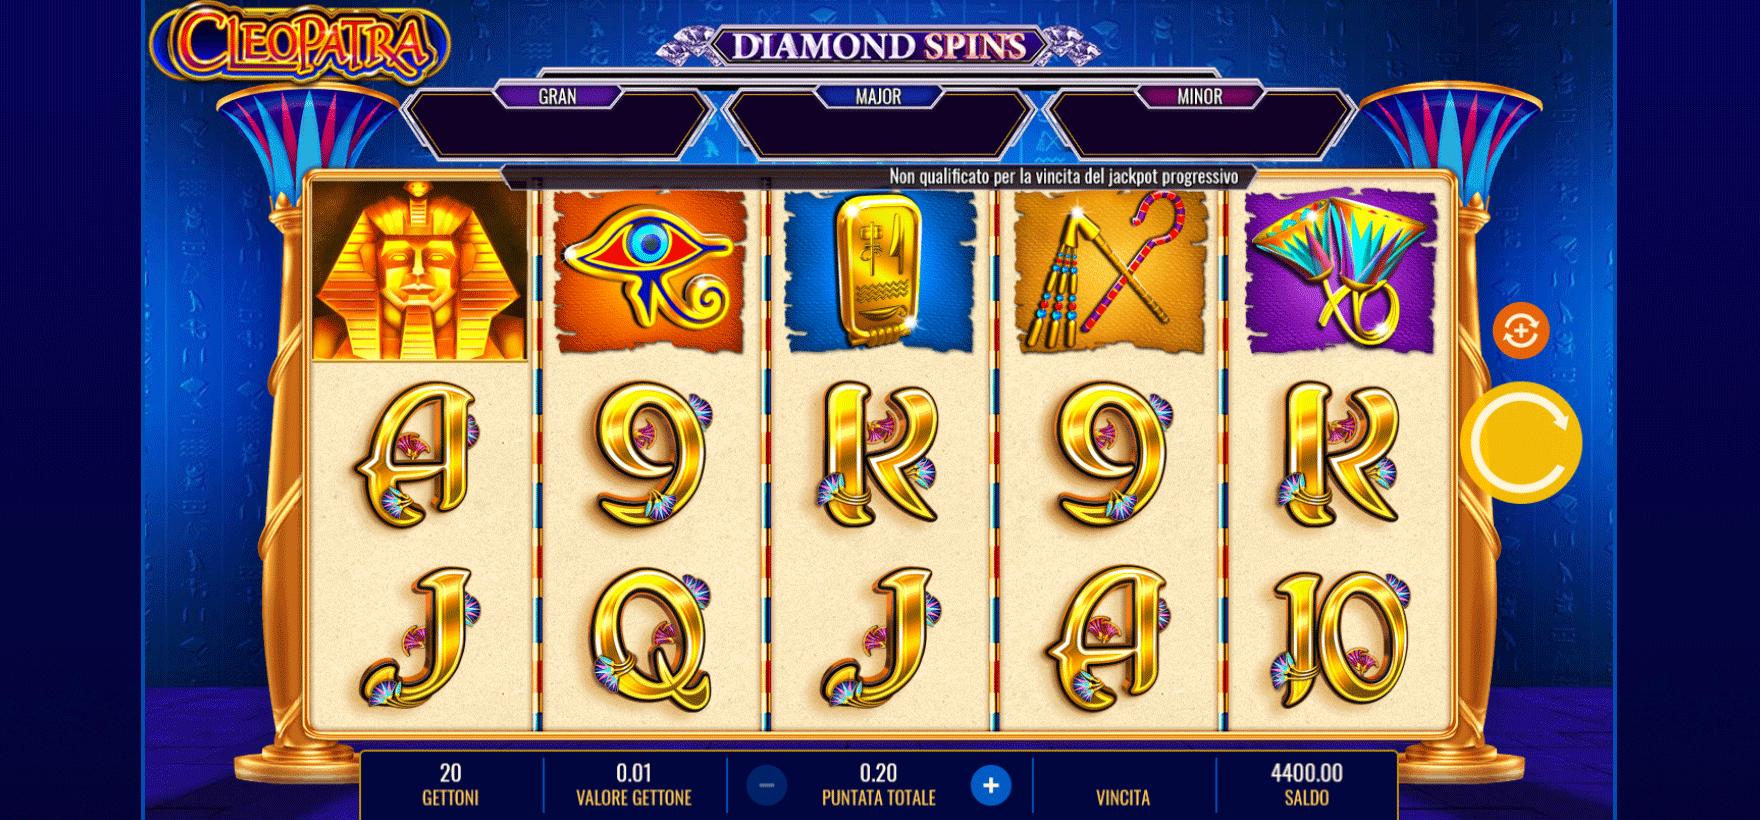 Slot Cleopatra Diamond Spins